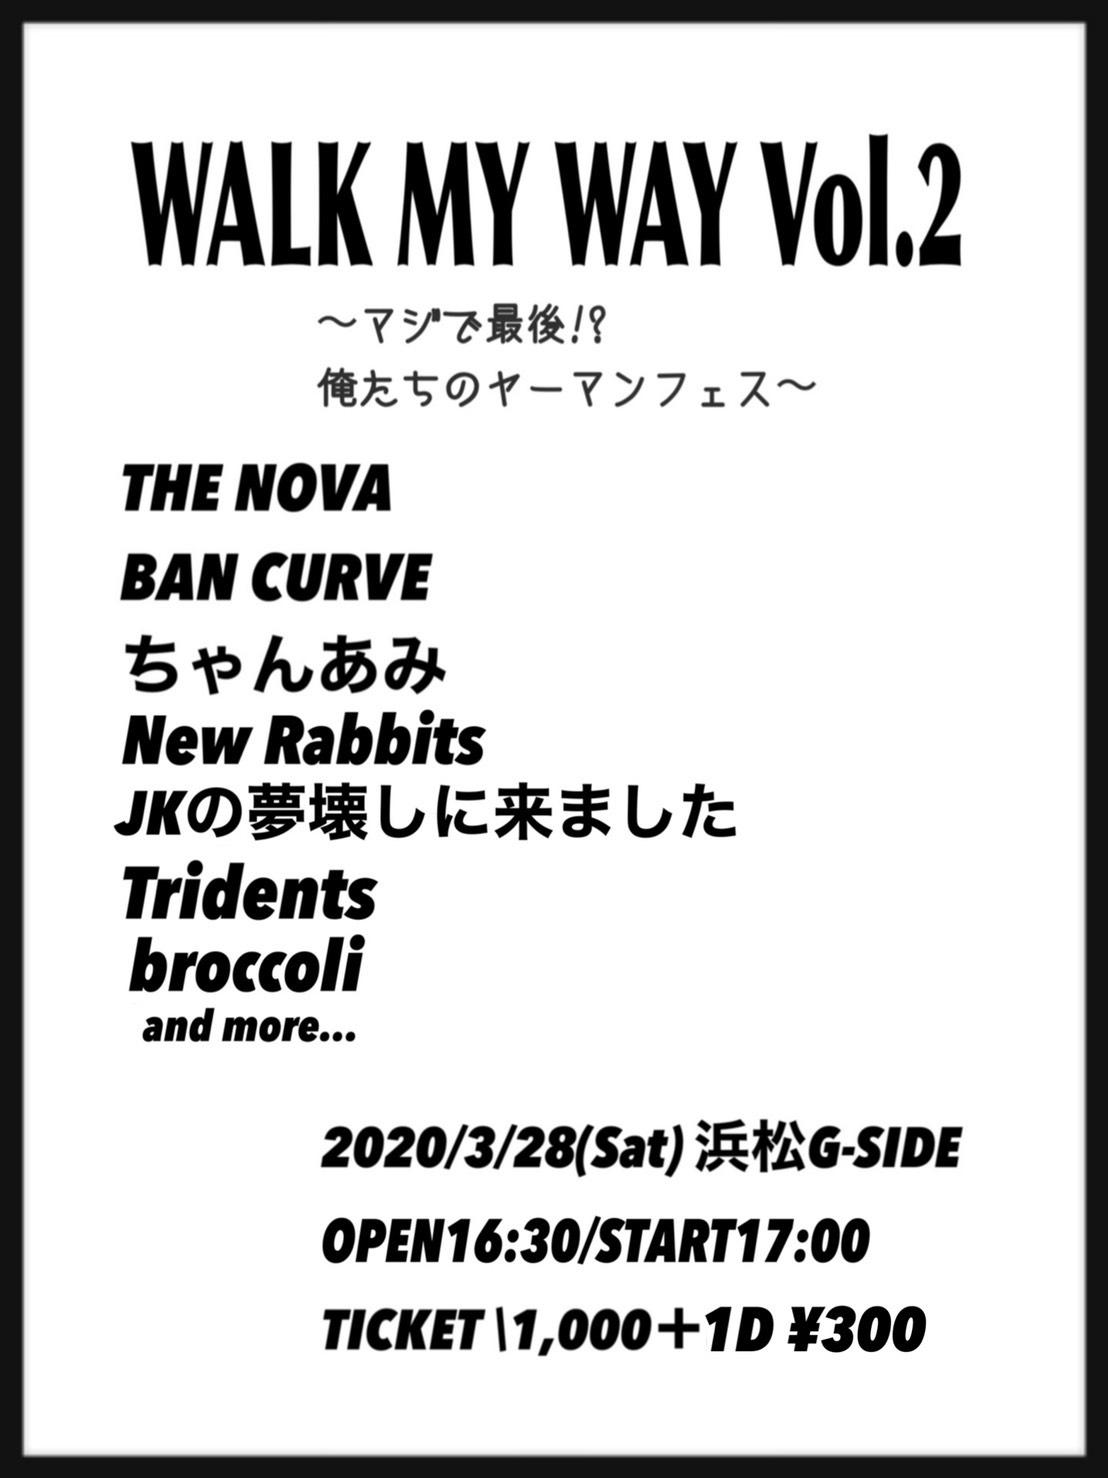 3月28日土曜日 WALK MY WAY vol.2